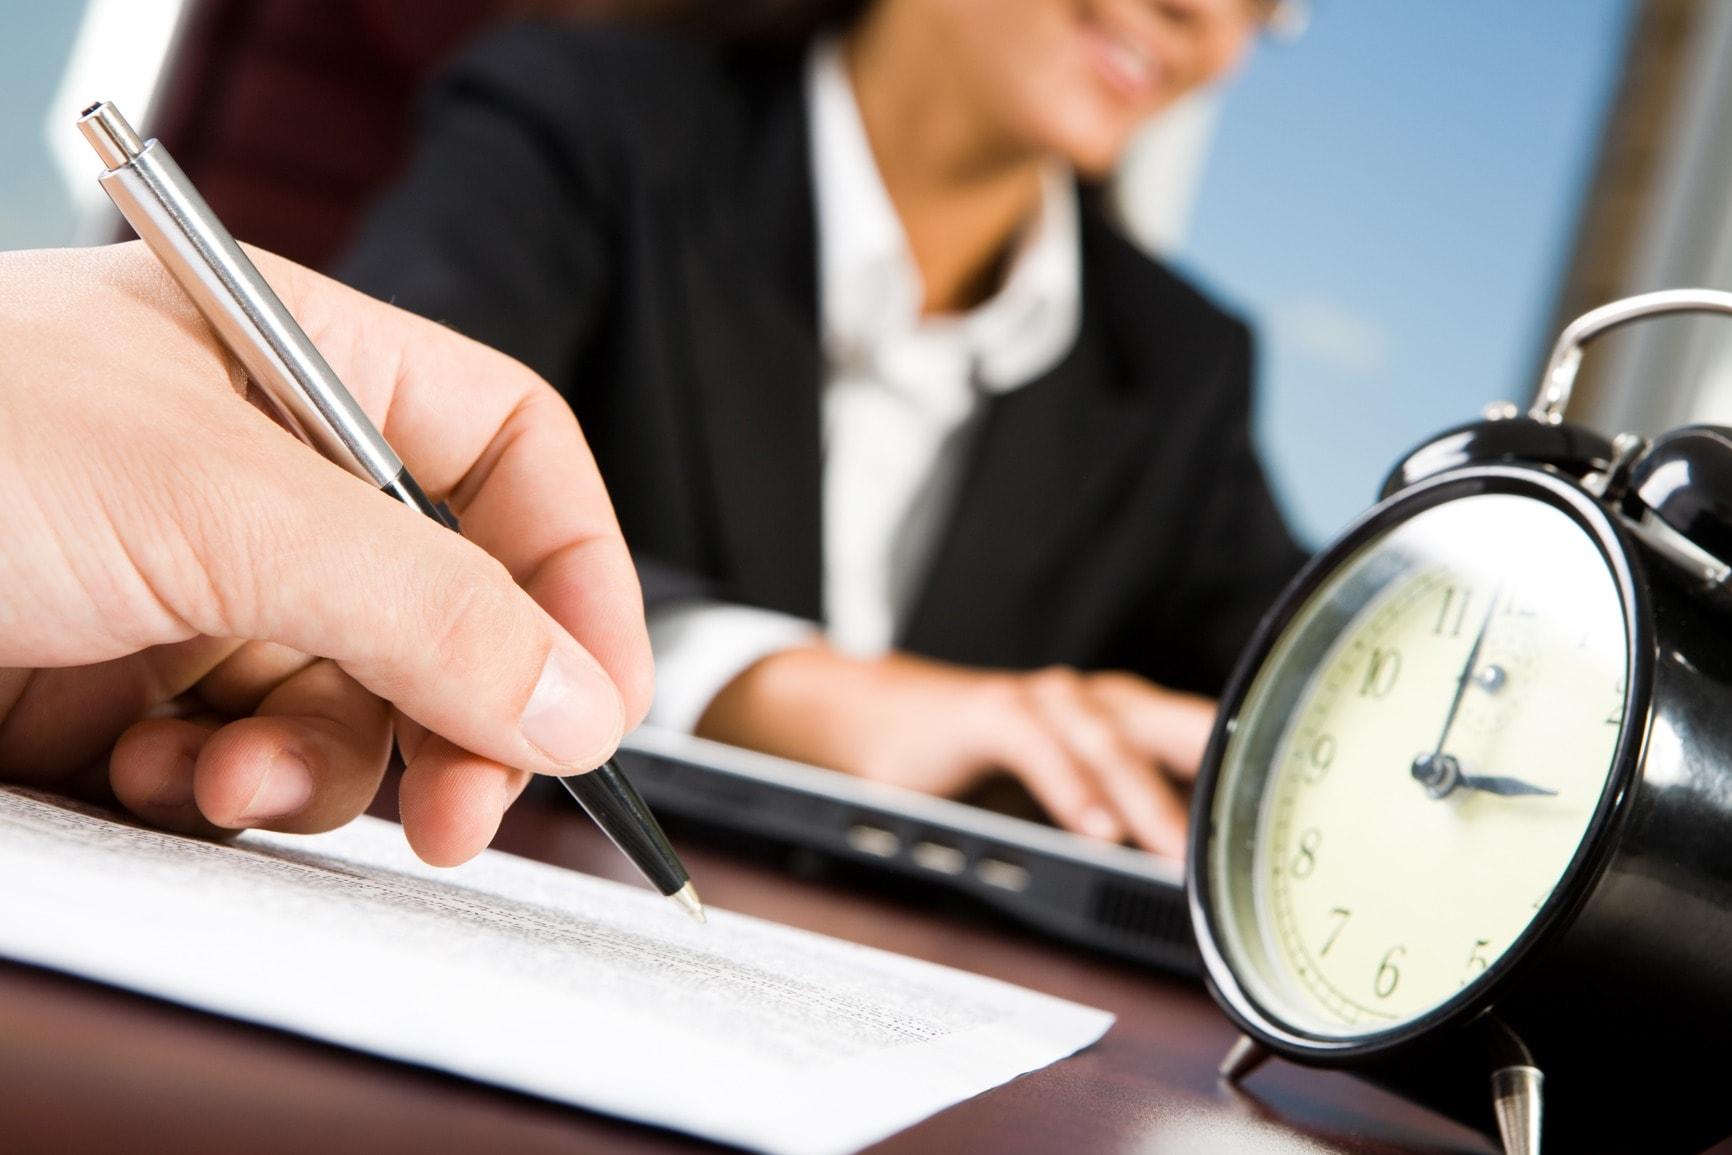 Жалоба в прокуратуру: образец заявления, как правильно написать и подать обращение